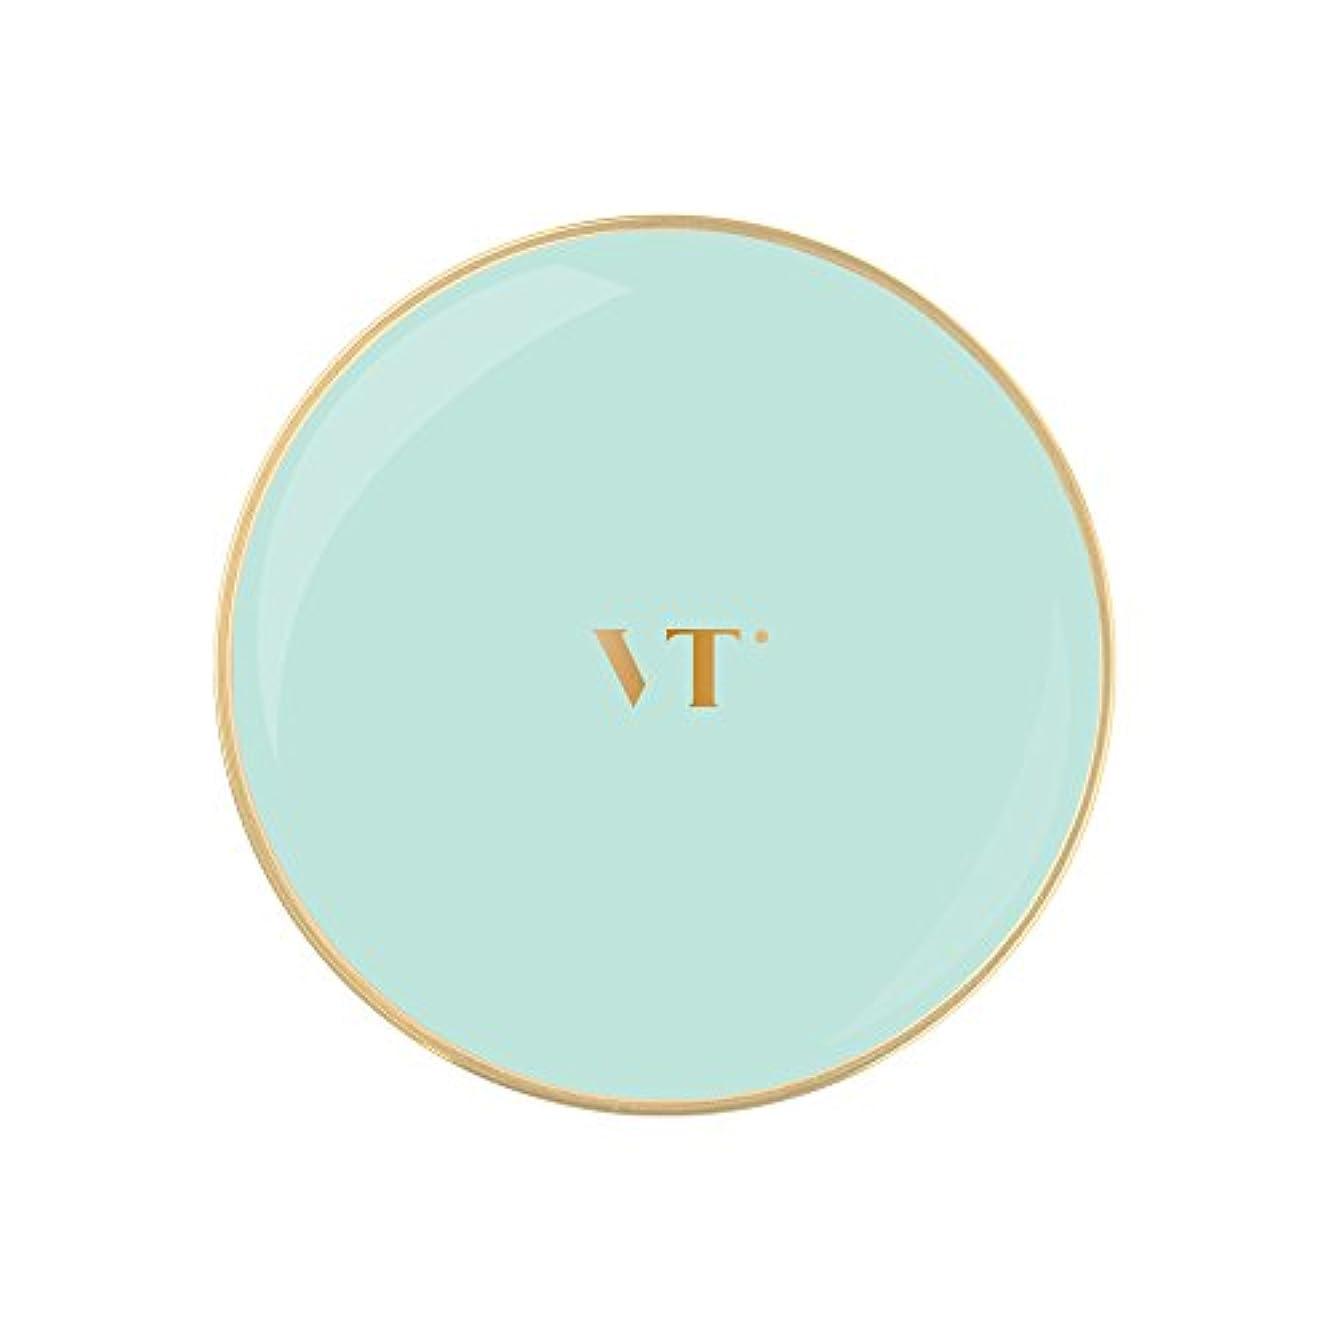 タイピスト風景反論者VT Blue Collagen Pact 11g/ブイティー ブルー コラーゲン パクト 11g (#23) [並行輸入品]